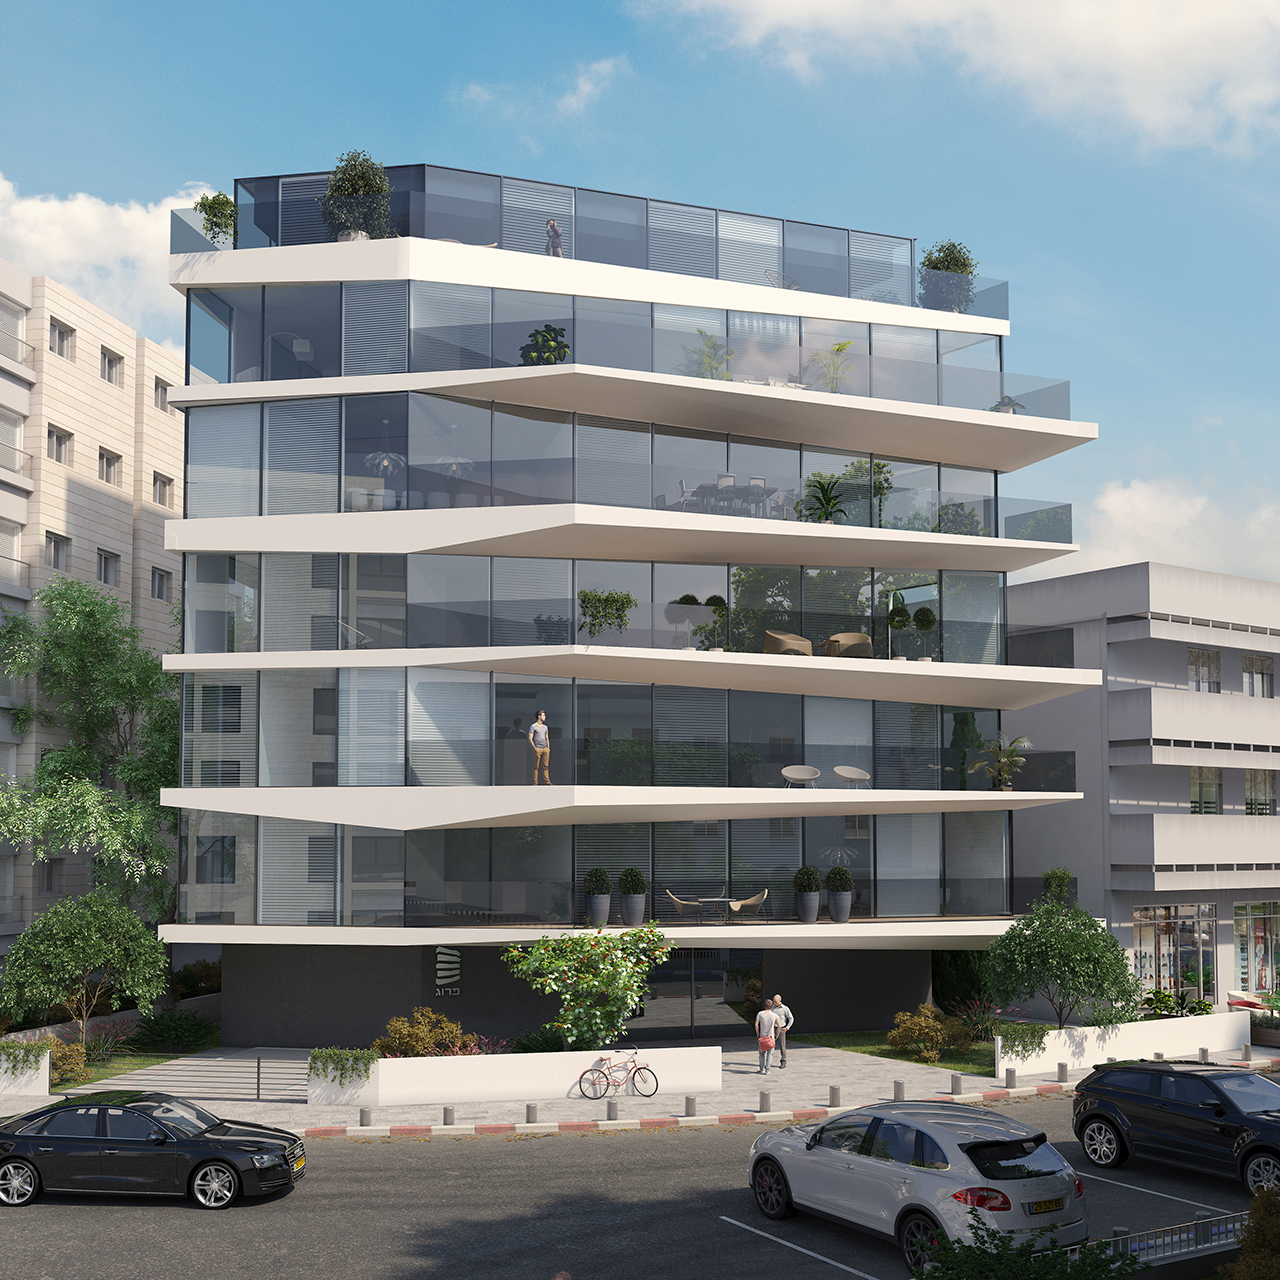 צעיר פרויקטים חדשים בתל אביב - פרויקט תל אביב KW-91